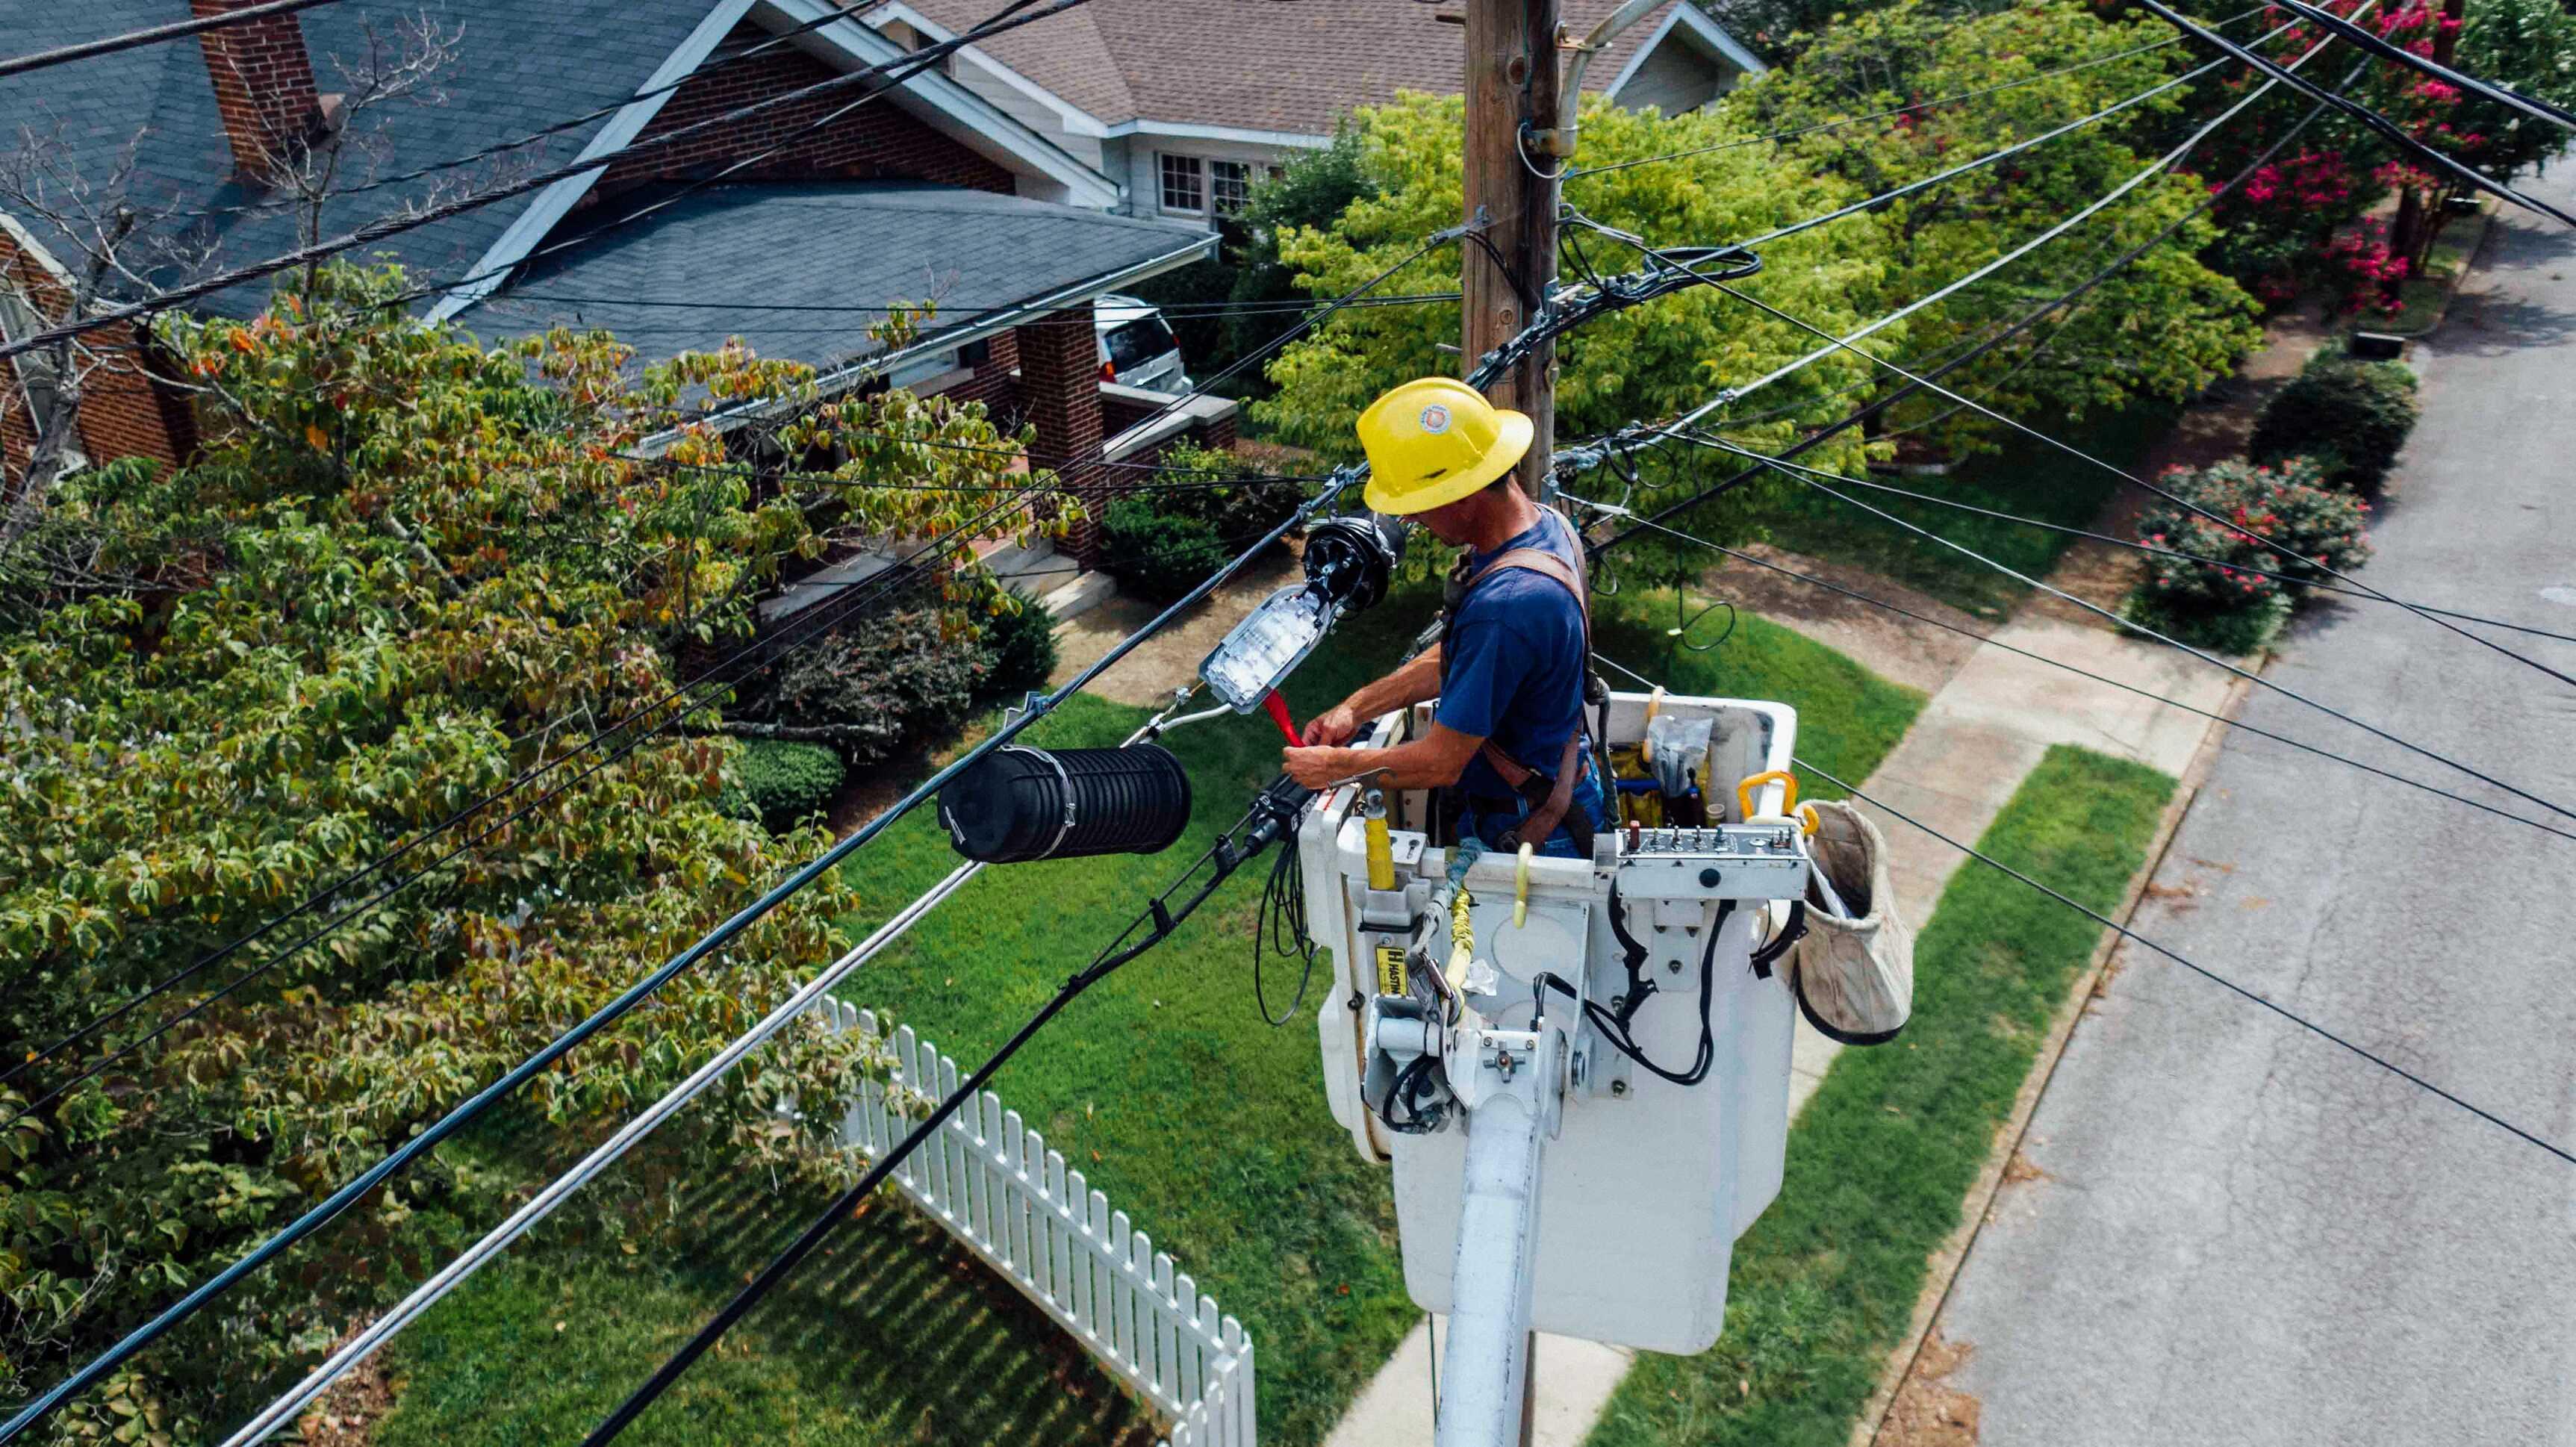 Industriële elektricien onderhoud stroomlijn.